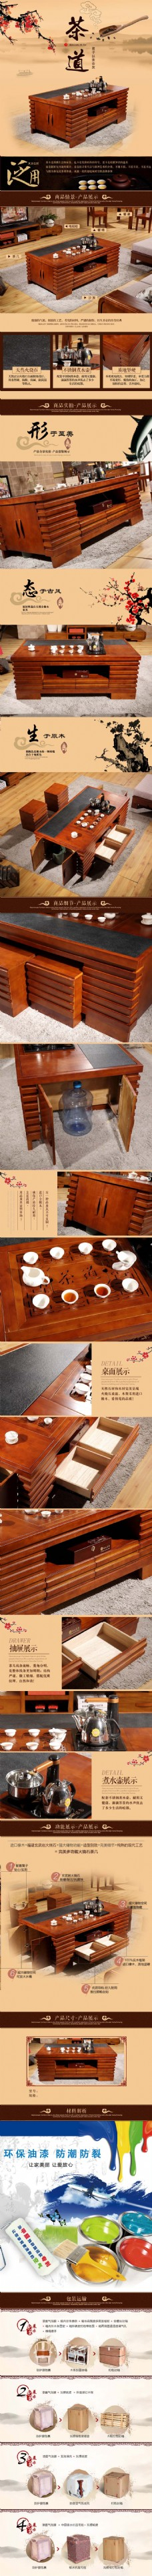 中式茶几淘宝详情